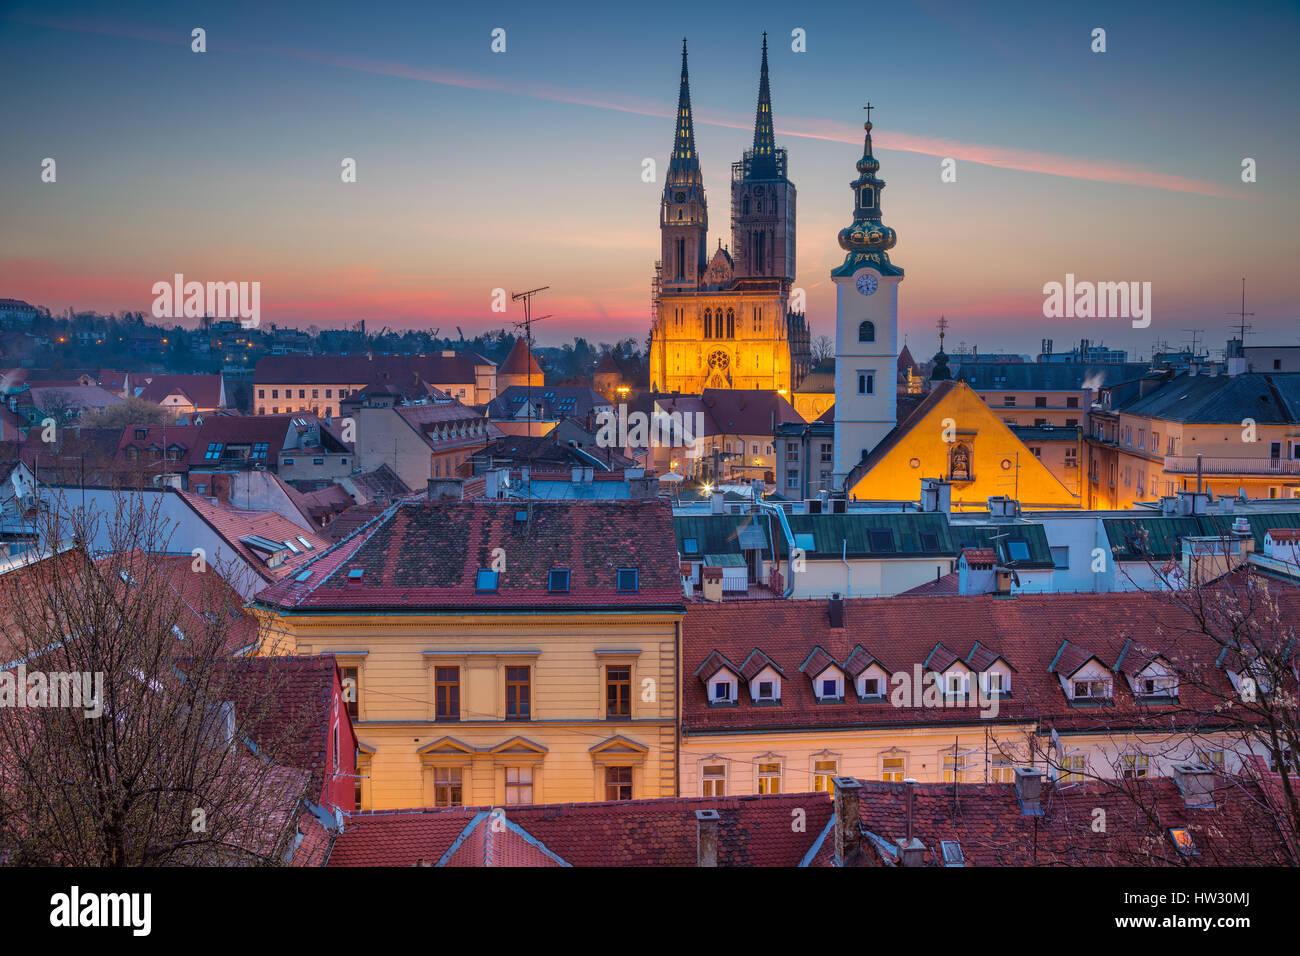 Zagreb. Imagen del paisaje urbano de Zagreb, Croacia, durante la hora azul crepúsculo. Imagen De Stock